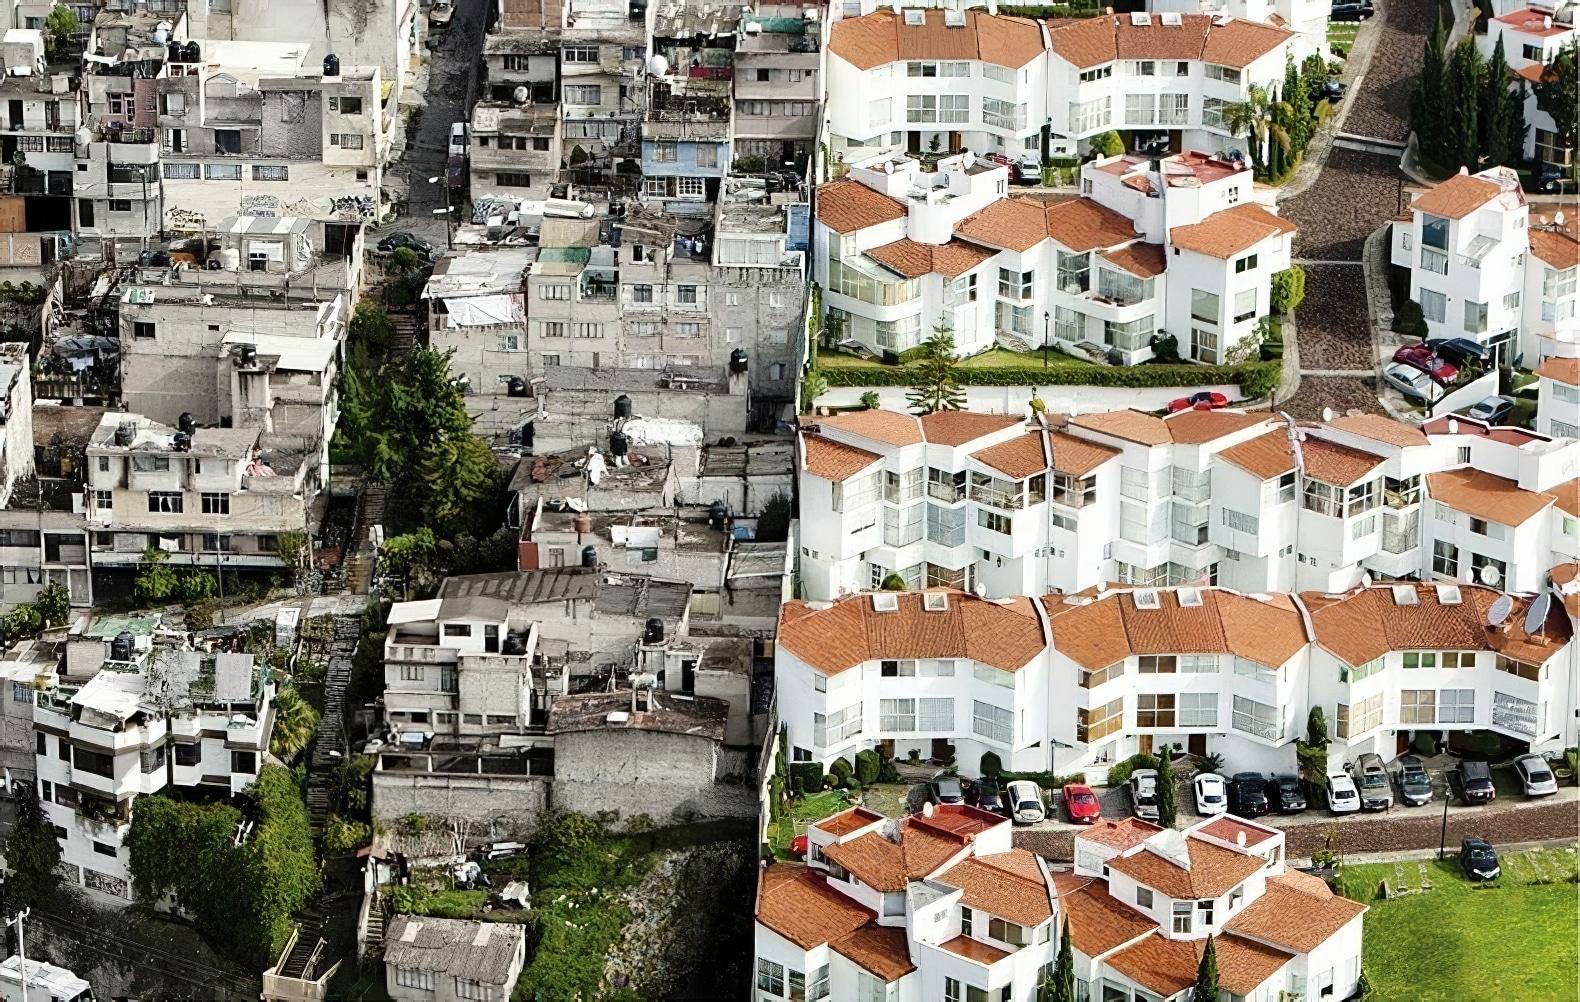 Erase the difference, écart entre riches et pauvres à Mexico, par Oscar Ruiz